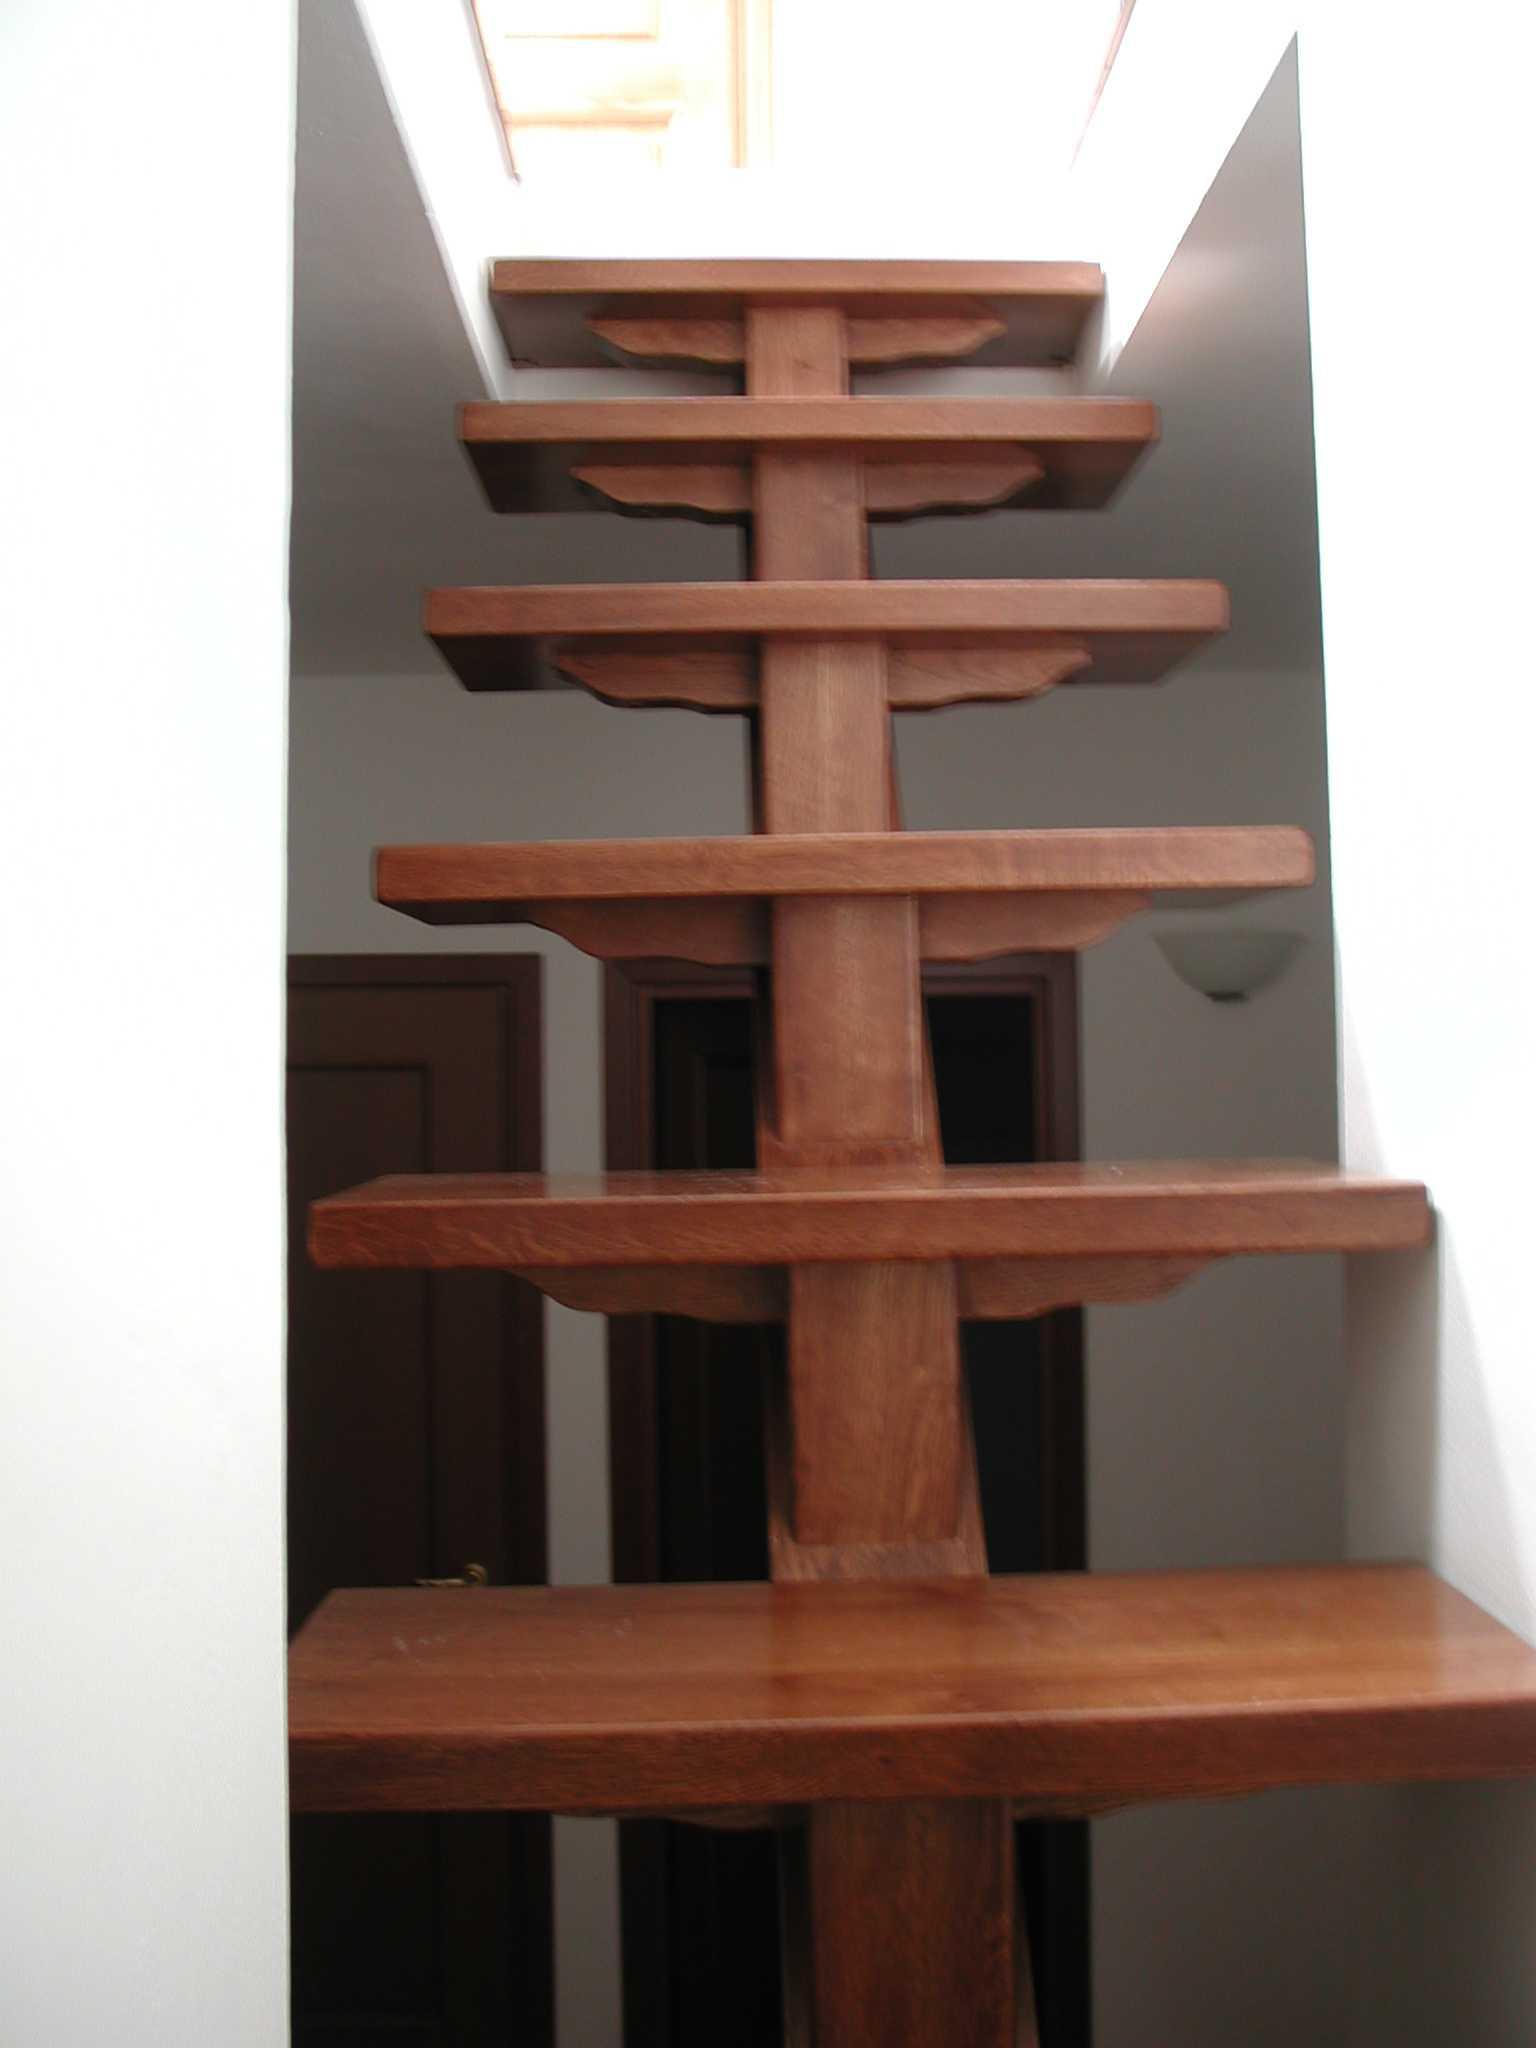 Scale e soppalchi in legno l 39 arte del legno - Legno per scale ...